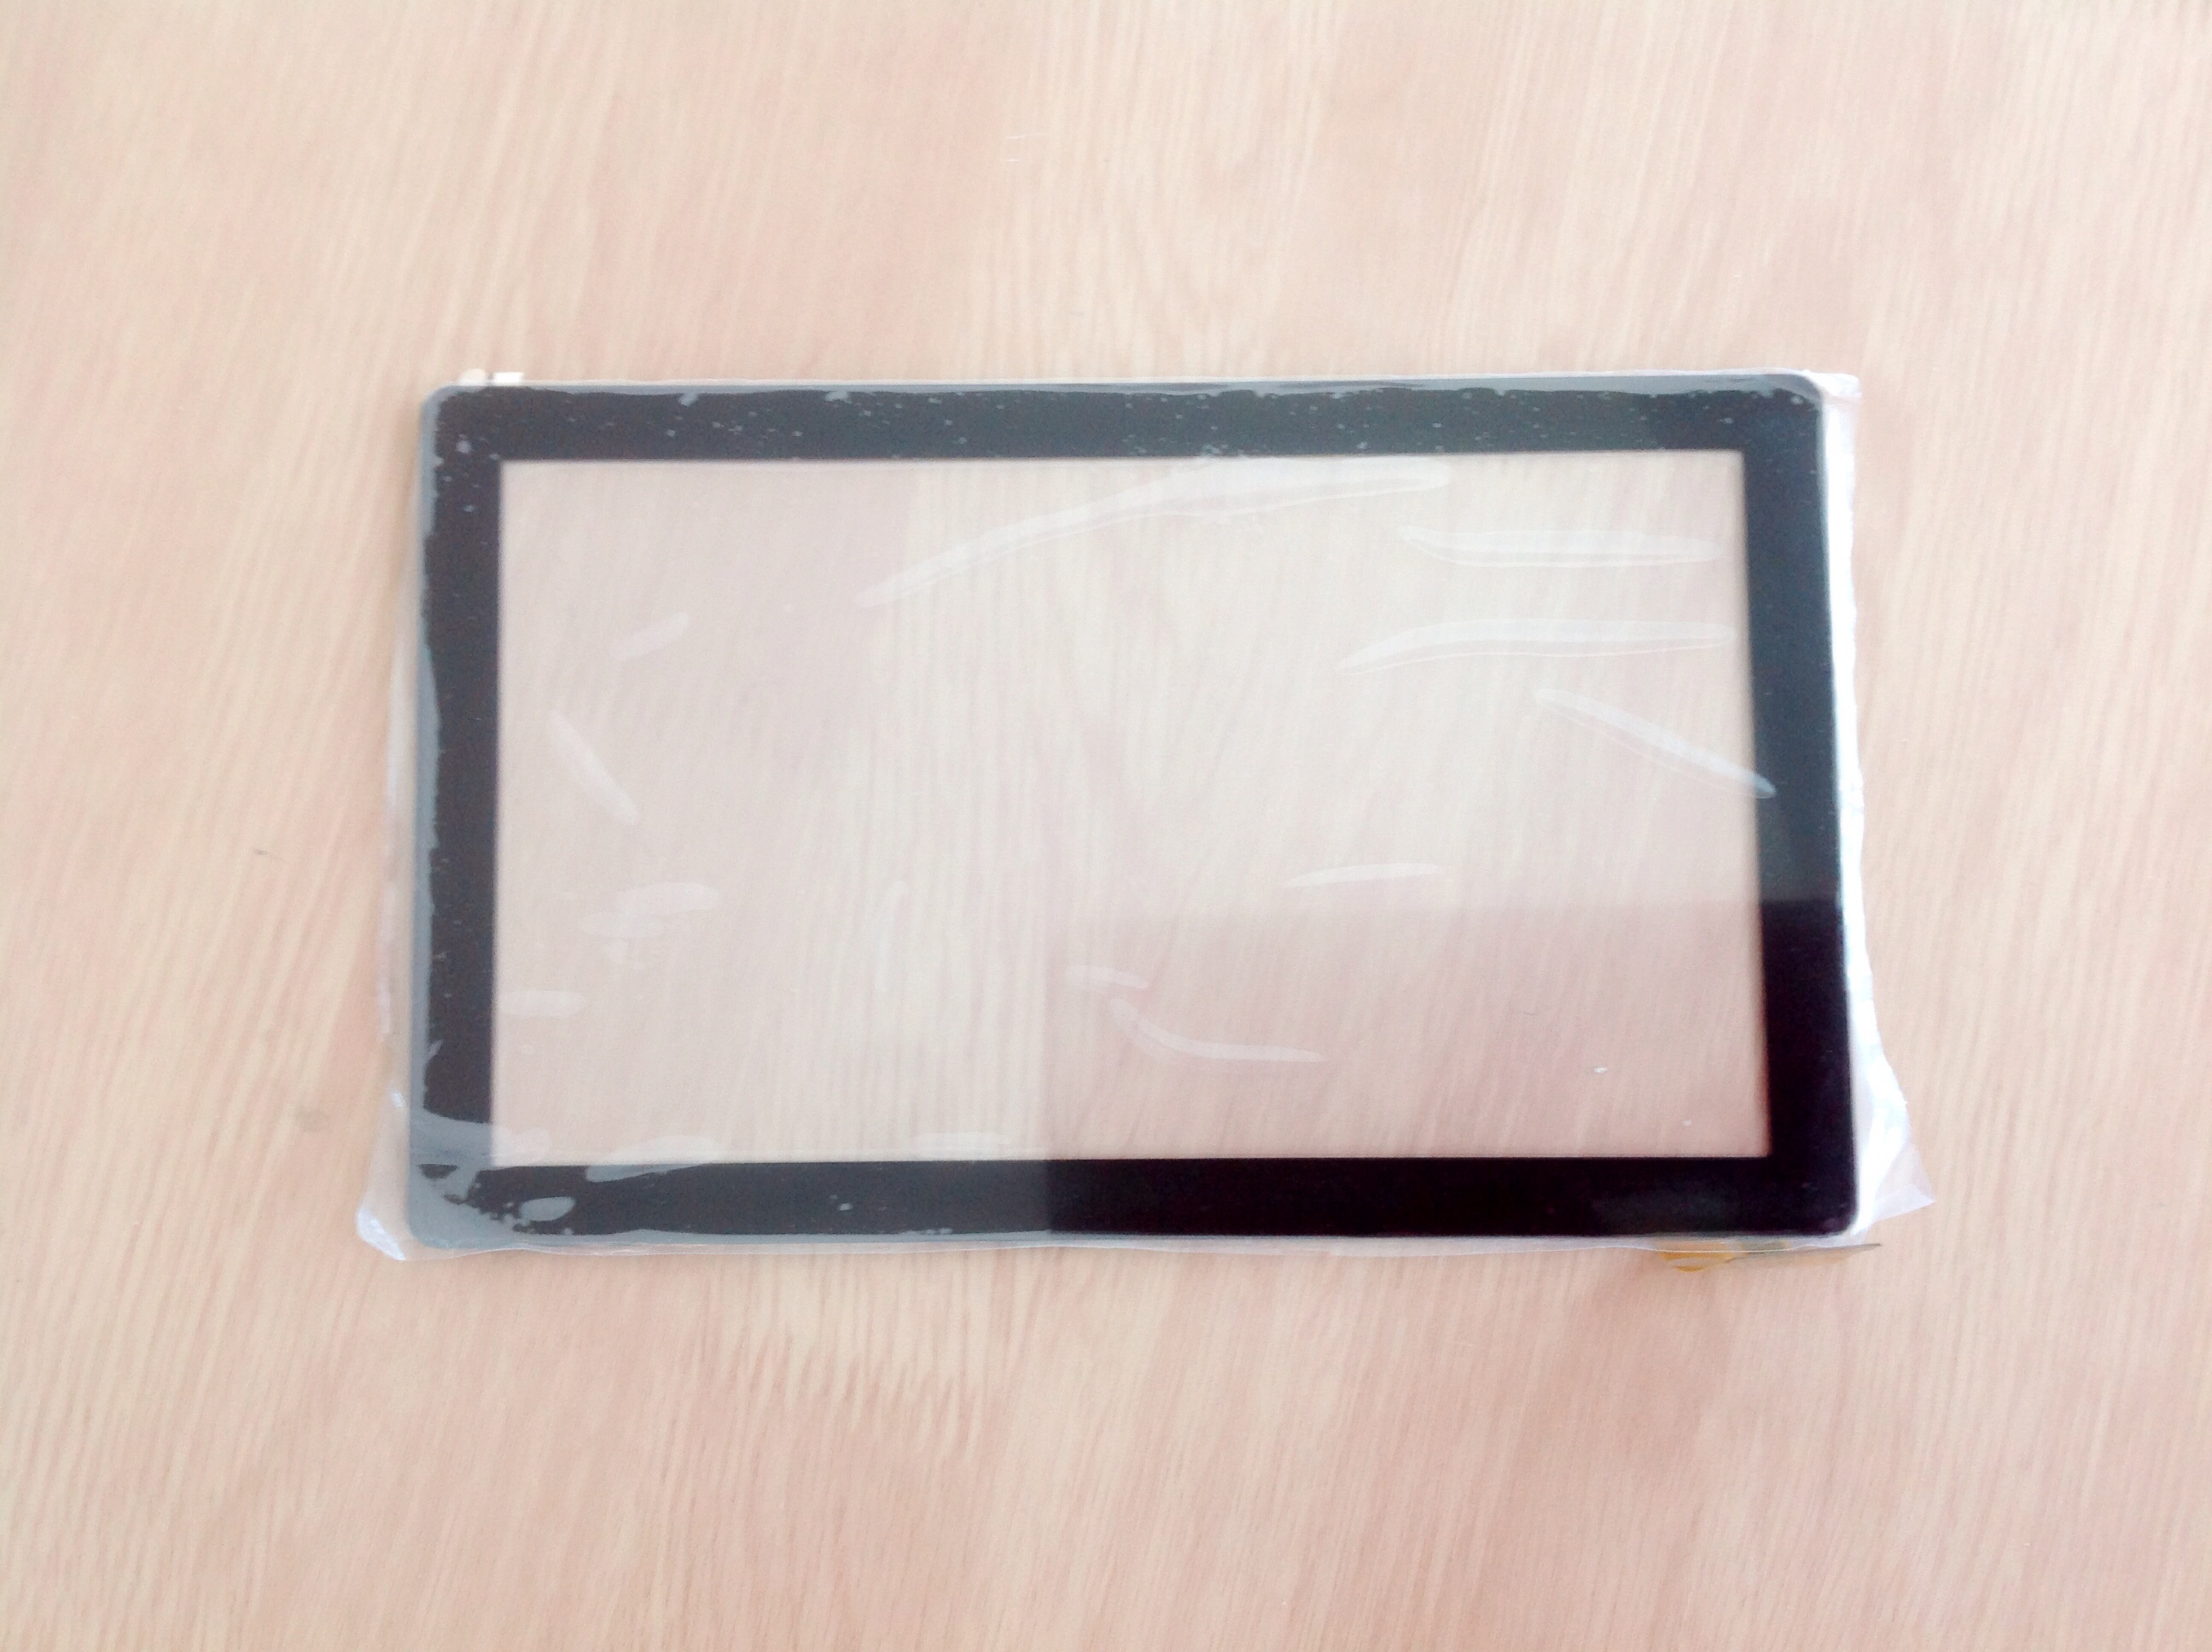 จอ Touch Screen GPD Q9 และ Q88+